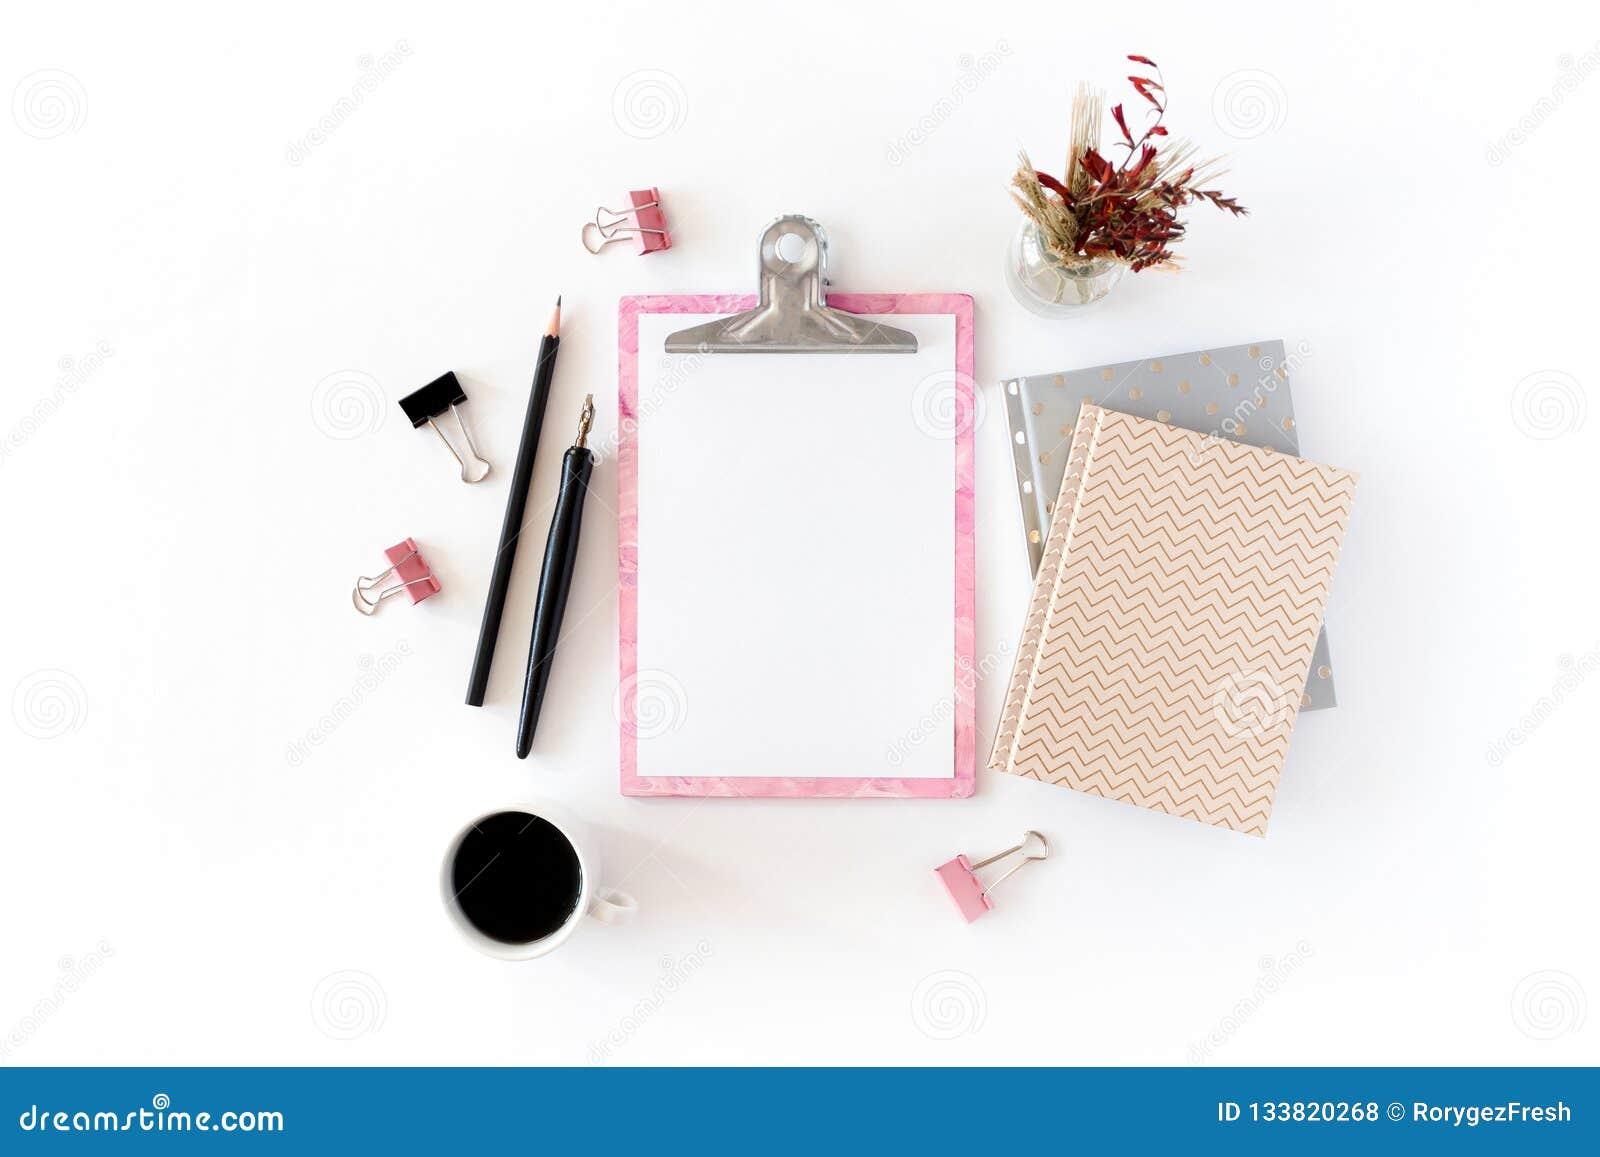 Escritorio de Ministerio del Interior con el tablero rosado, libretas, ramo de flores secas, pluma caligráfica, lápiz, clips de p